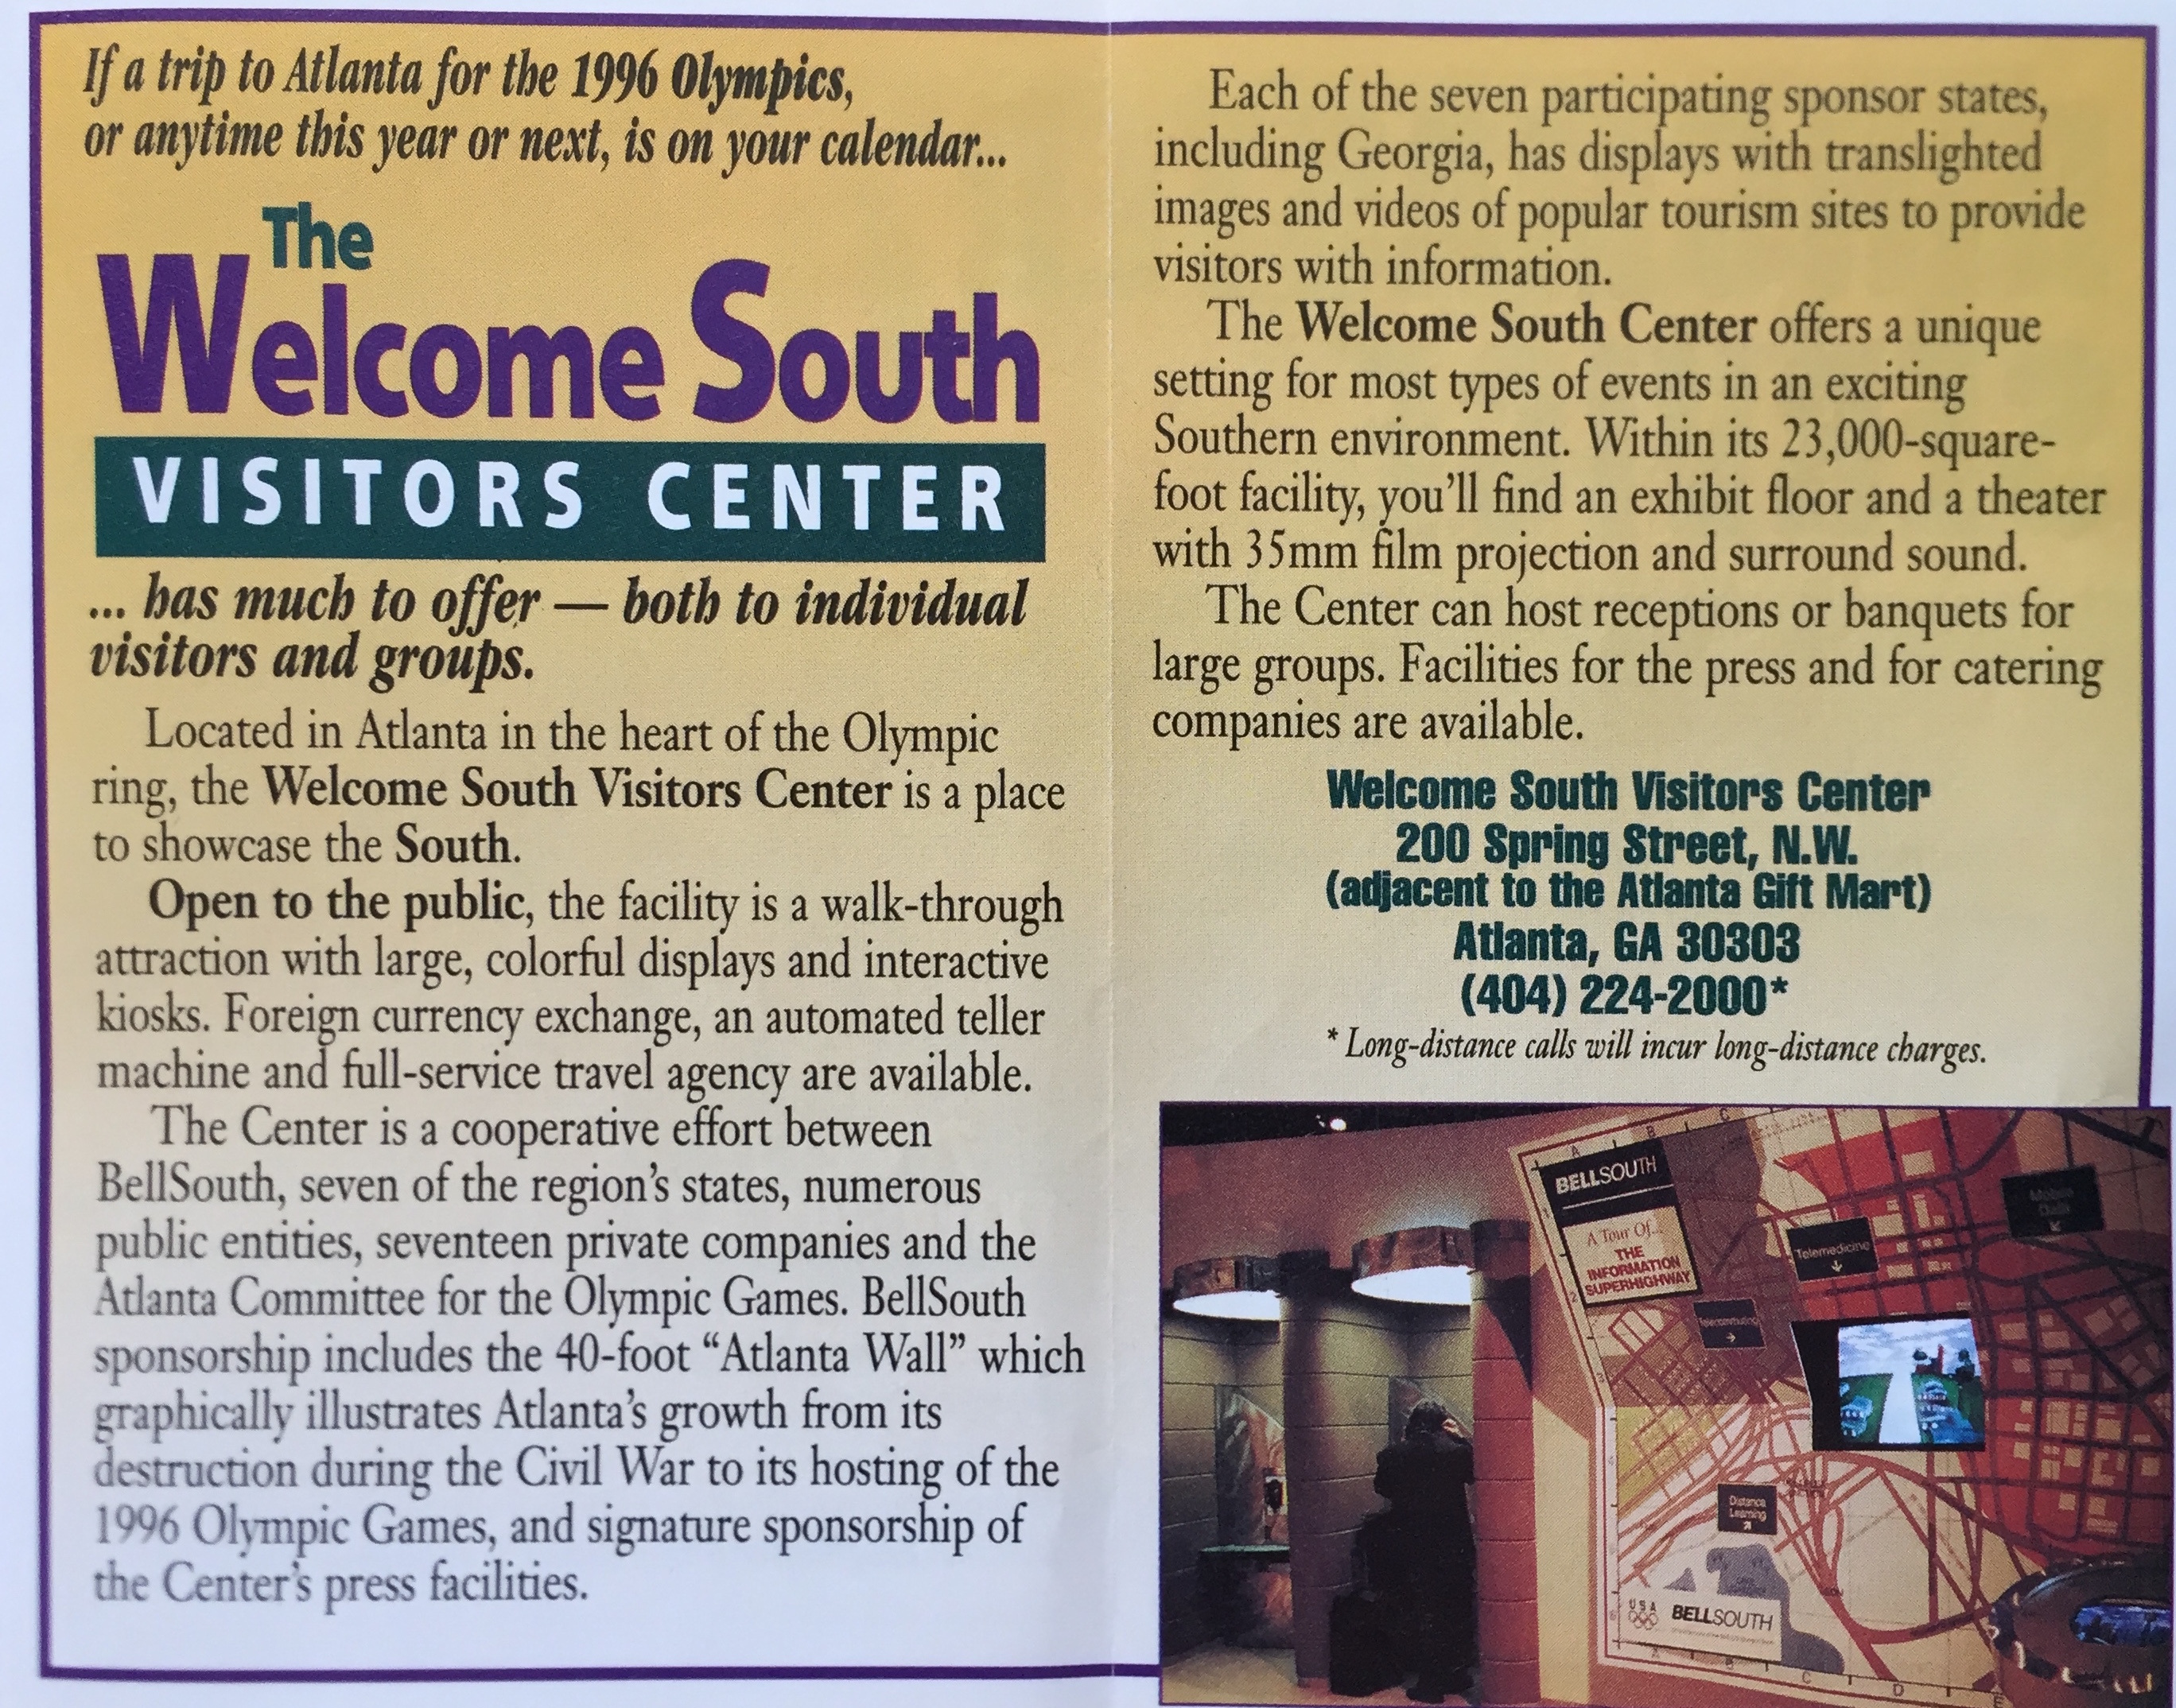 Part 6 - 1980 to 2000 - Atlanta Telephone History